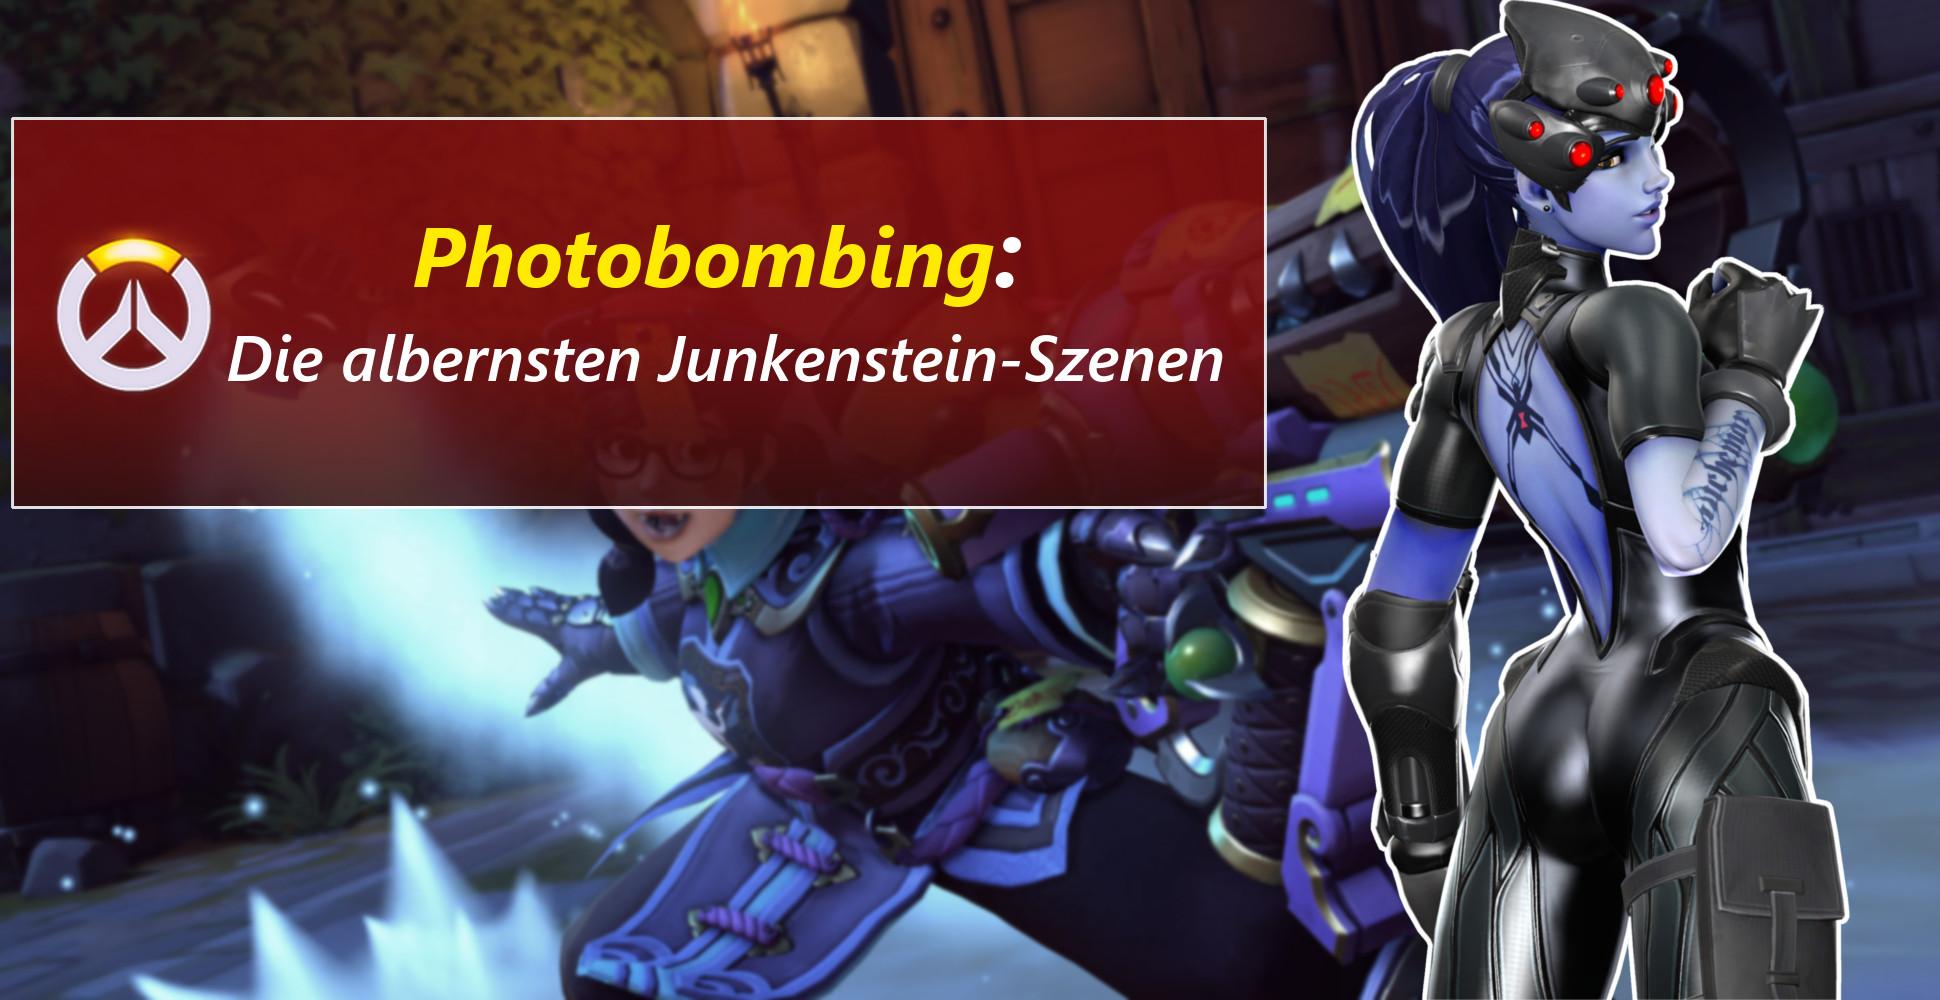 Overwatch: Bauchmuskeln und Widowmakers Höschen – Alberne Junkenstein-Momente